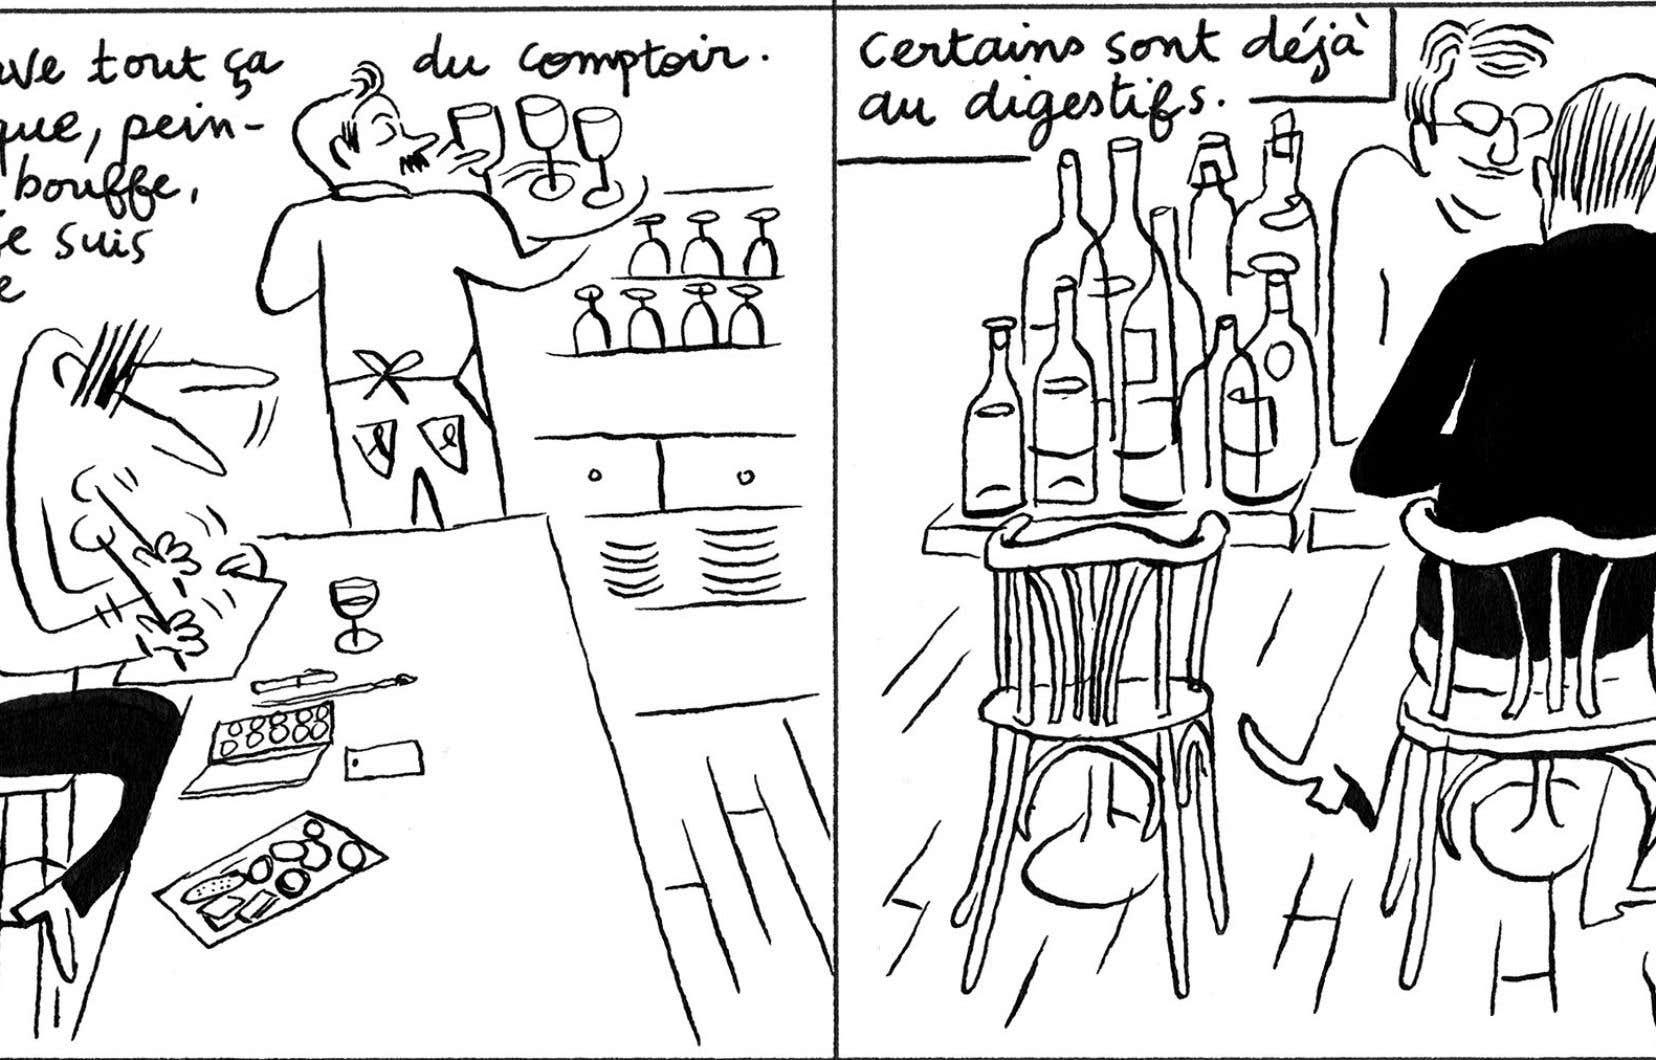 Planche tirée de «Carnets de bouffe», de Cyril Doisneau